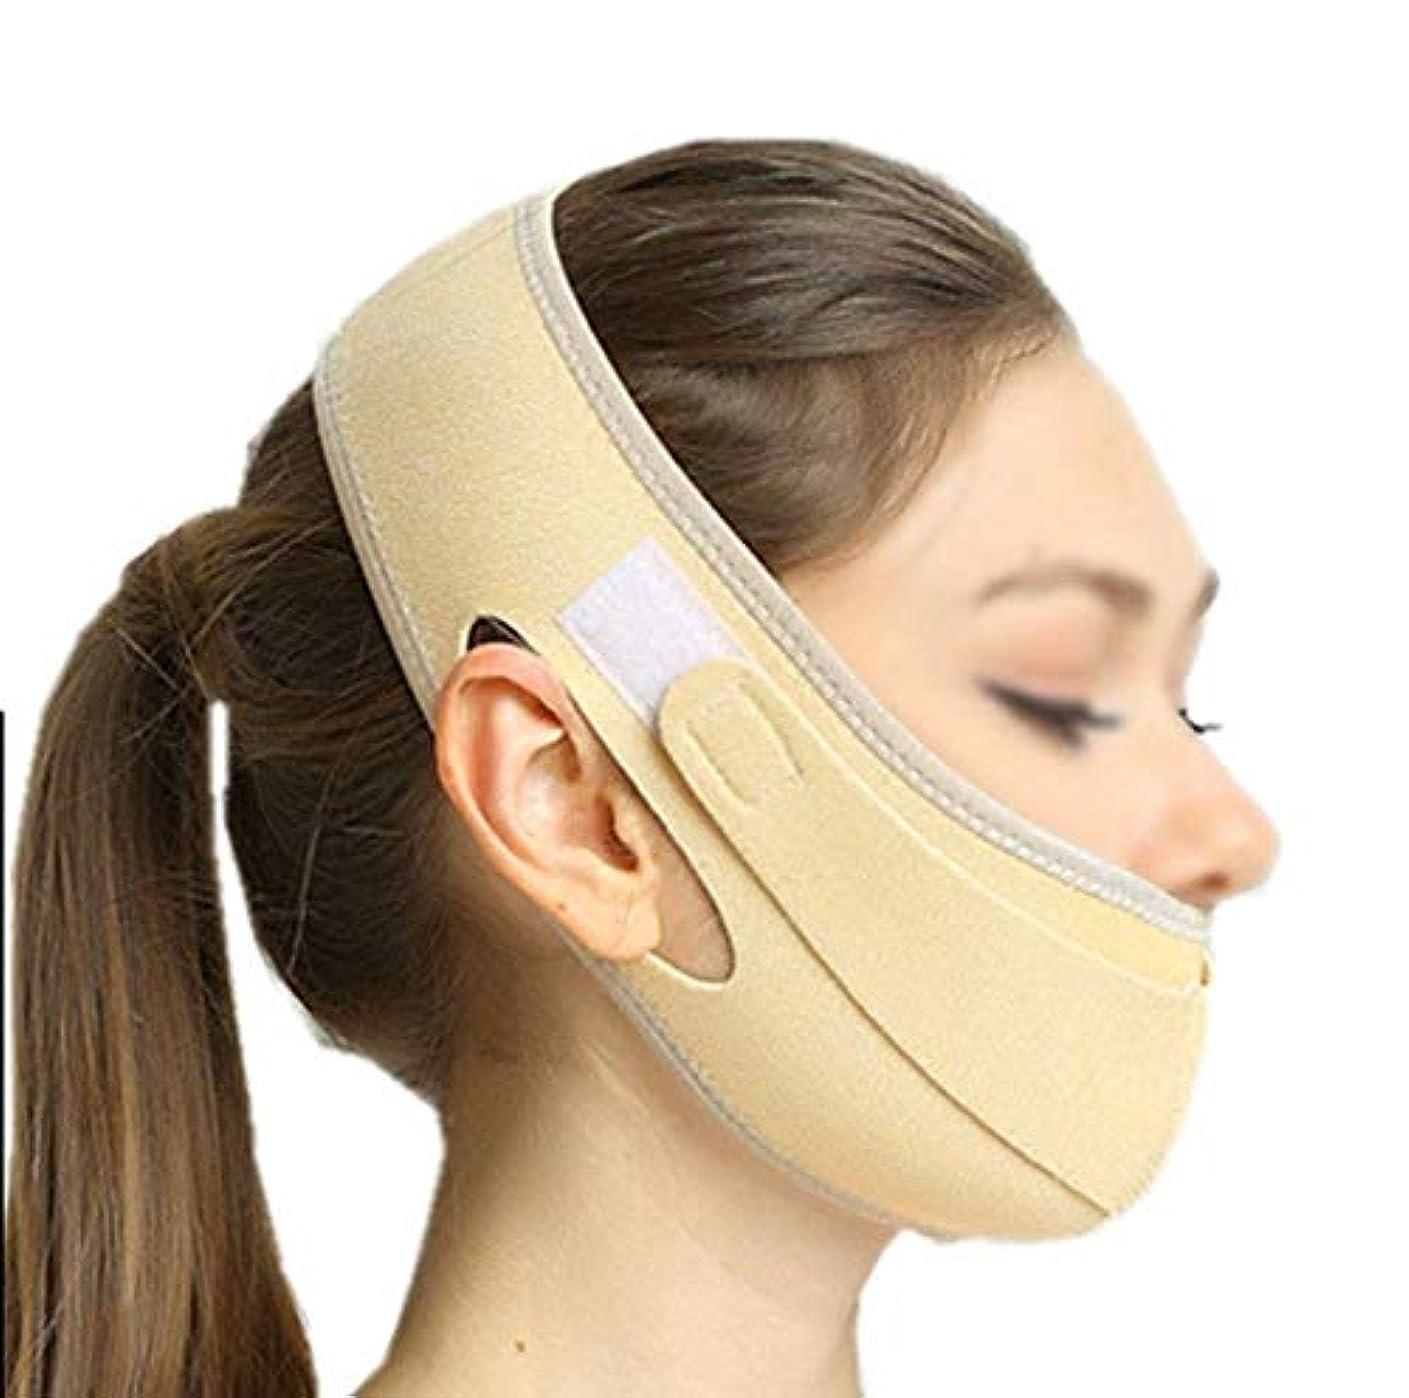 談話講堂自宅でフェイスリフトマスク、コスメティックリカバリーマスク、薄いダブルチンリフティングスキンで小さなVフェイスバンデージを作成